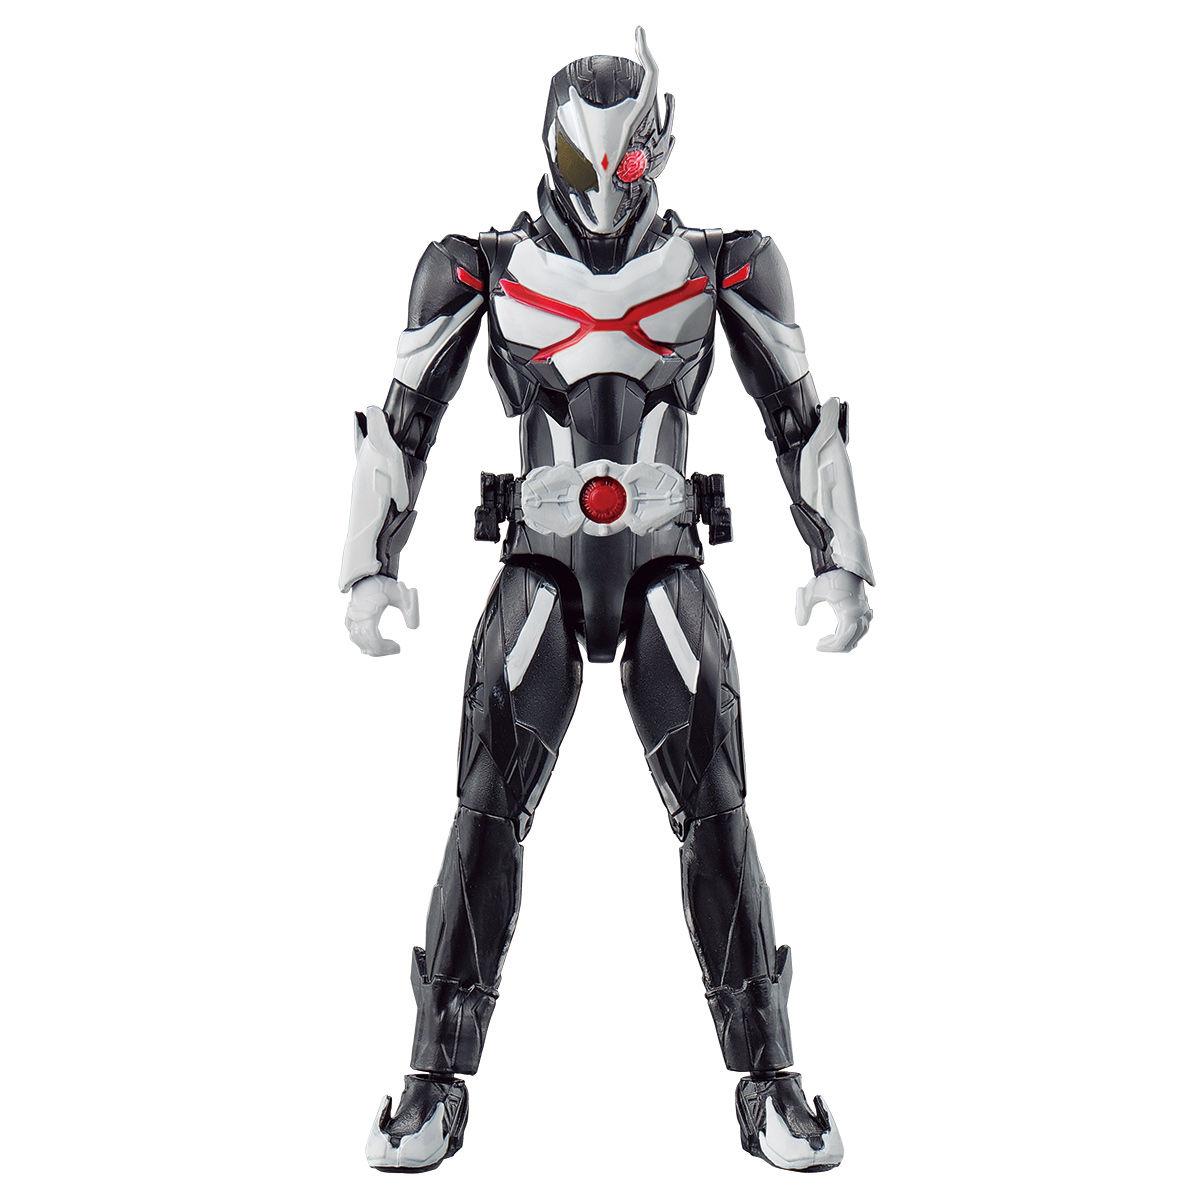 RKF『仮面ライダーアークワン シンギュライズセット』仮面ライダーゼロワン 可動フィギュア-001